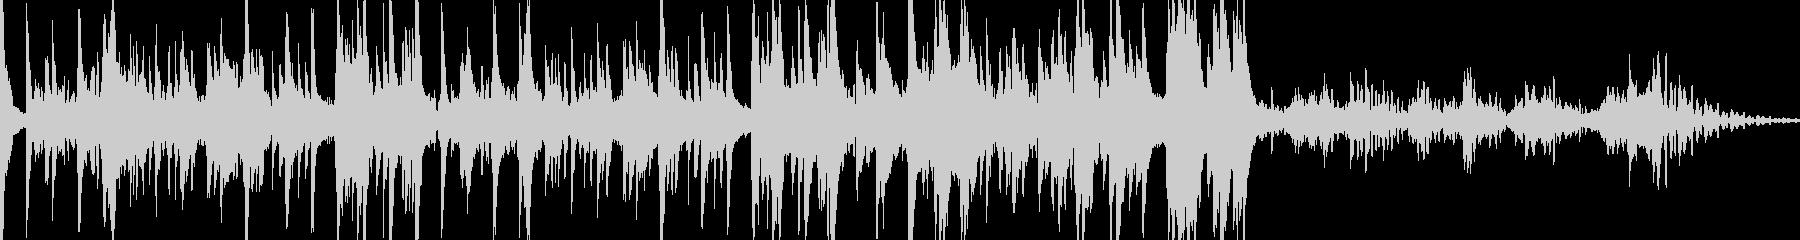 スパースピアノとクールなきらめくシ...の未再生の波形